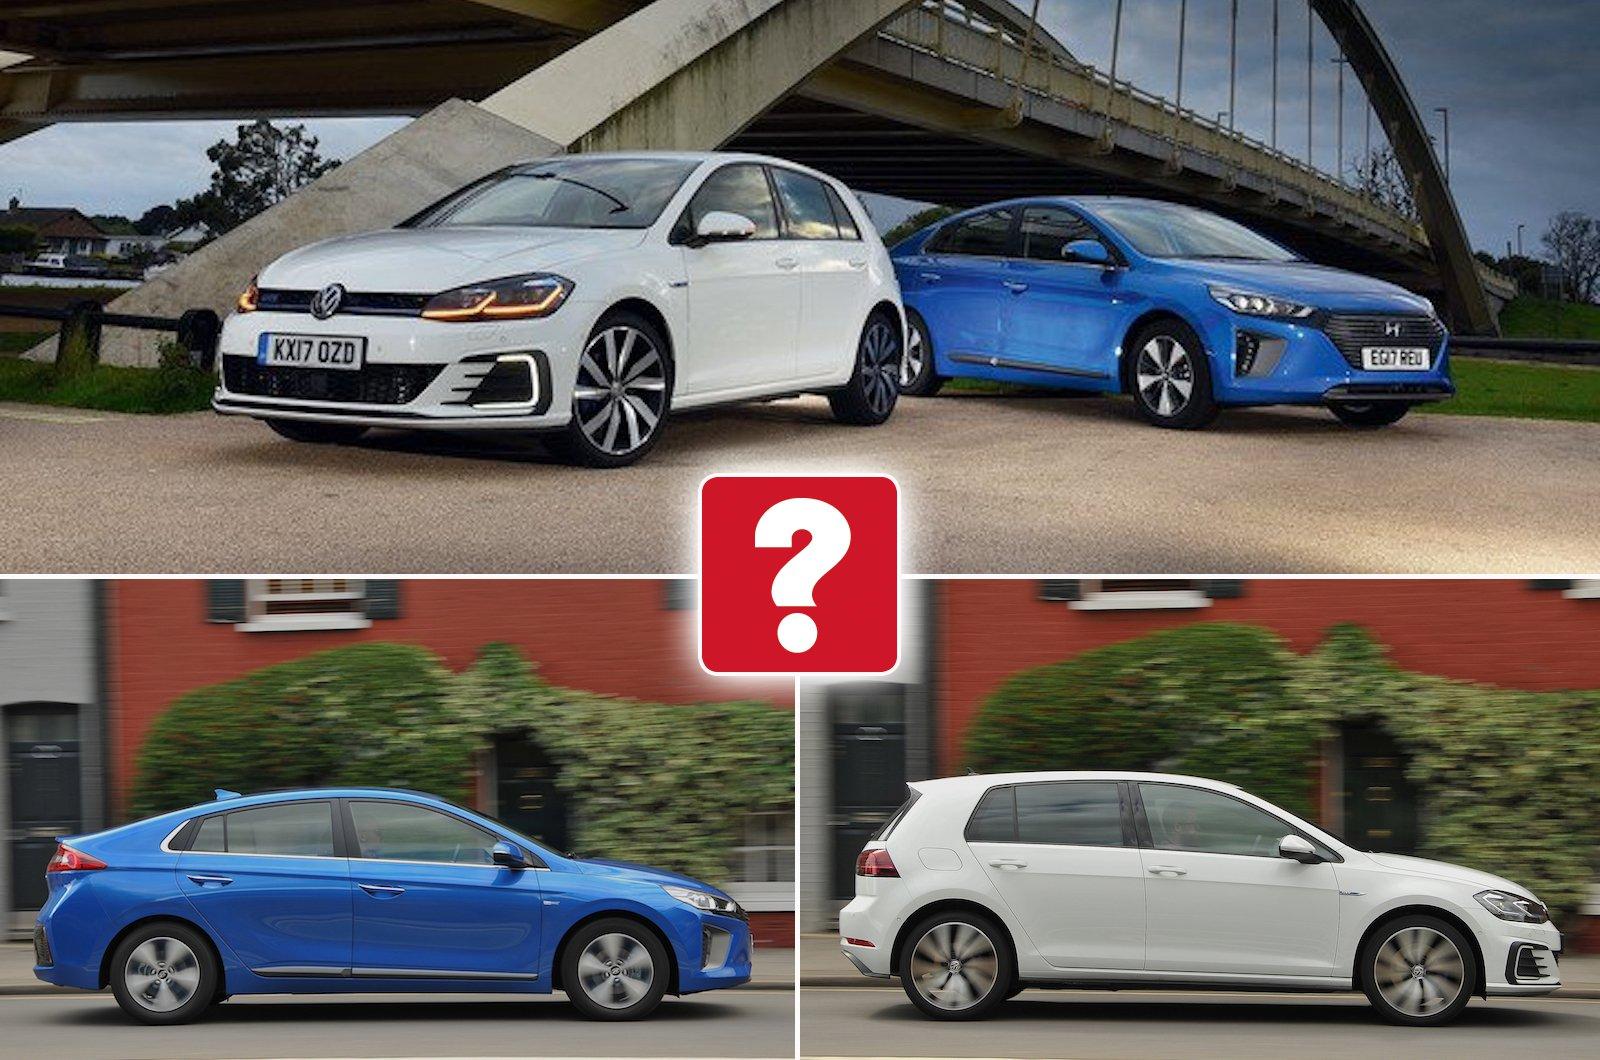 Used test: Hyundai Ioniq Plug-in vs Volkswagen Golf GTE